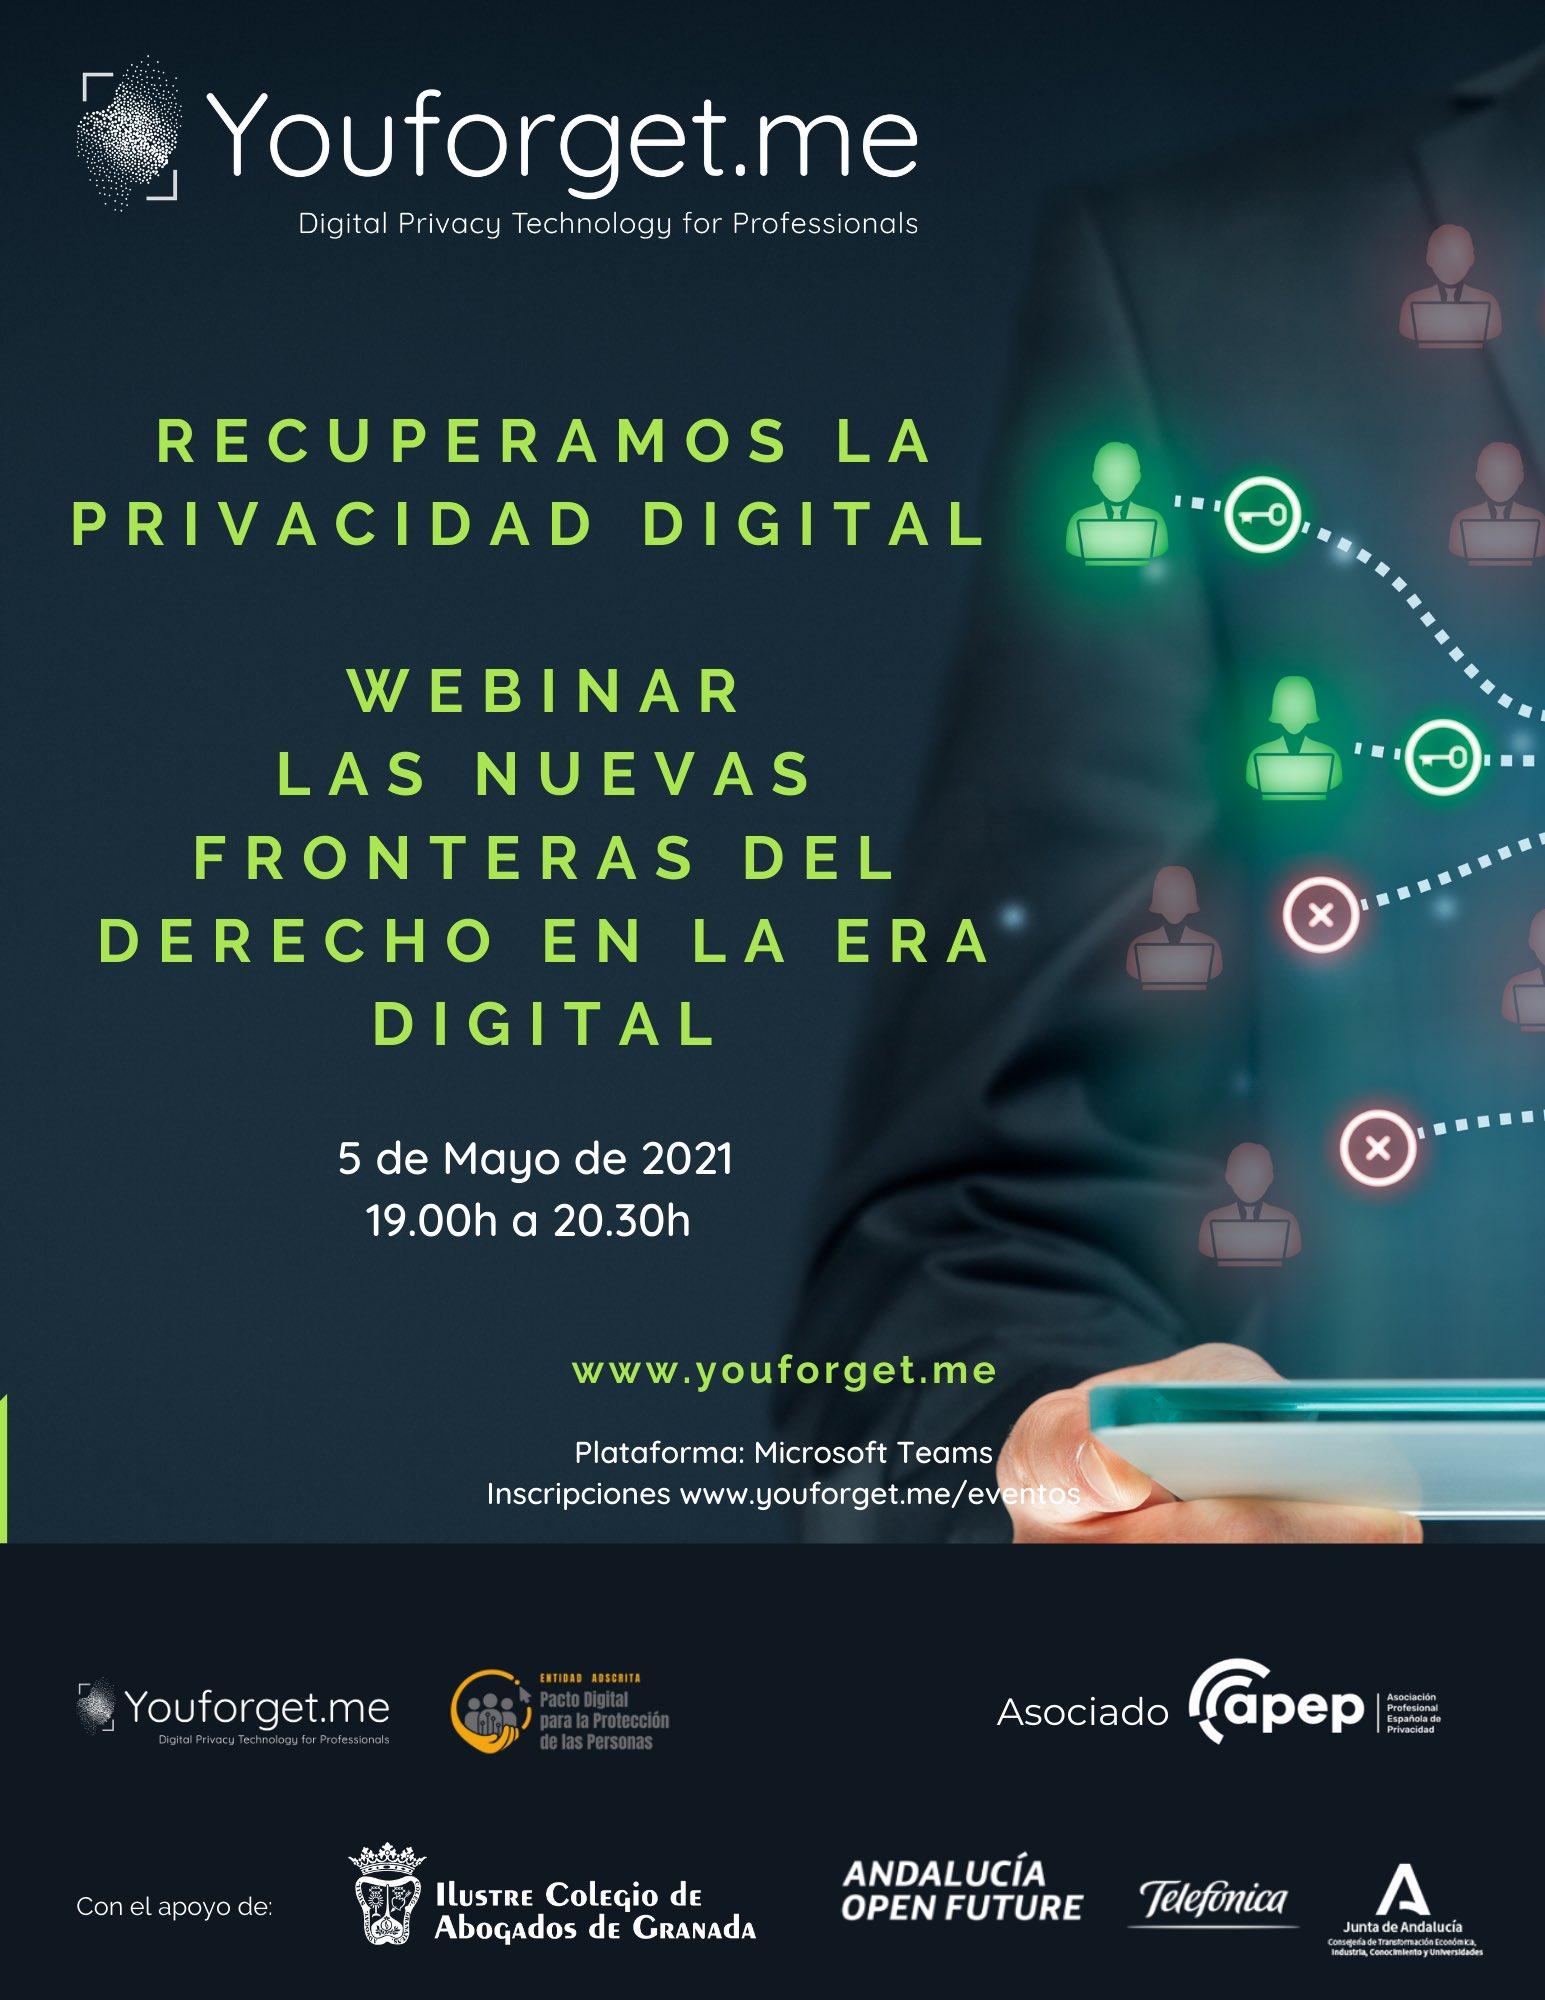 Las nuevas fronteras del derecho en la era digital